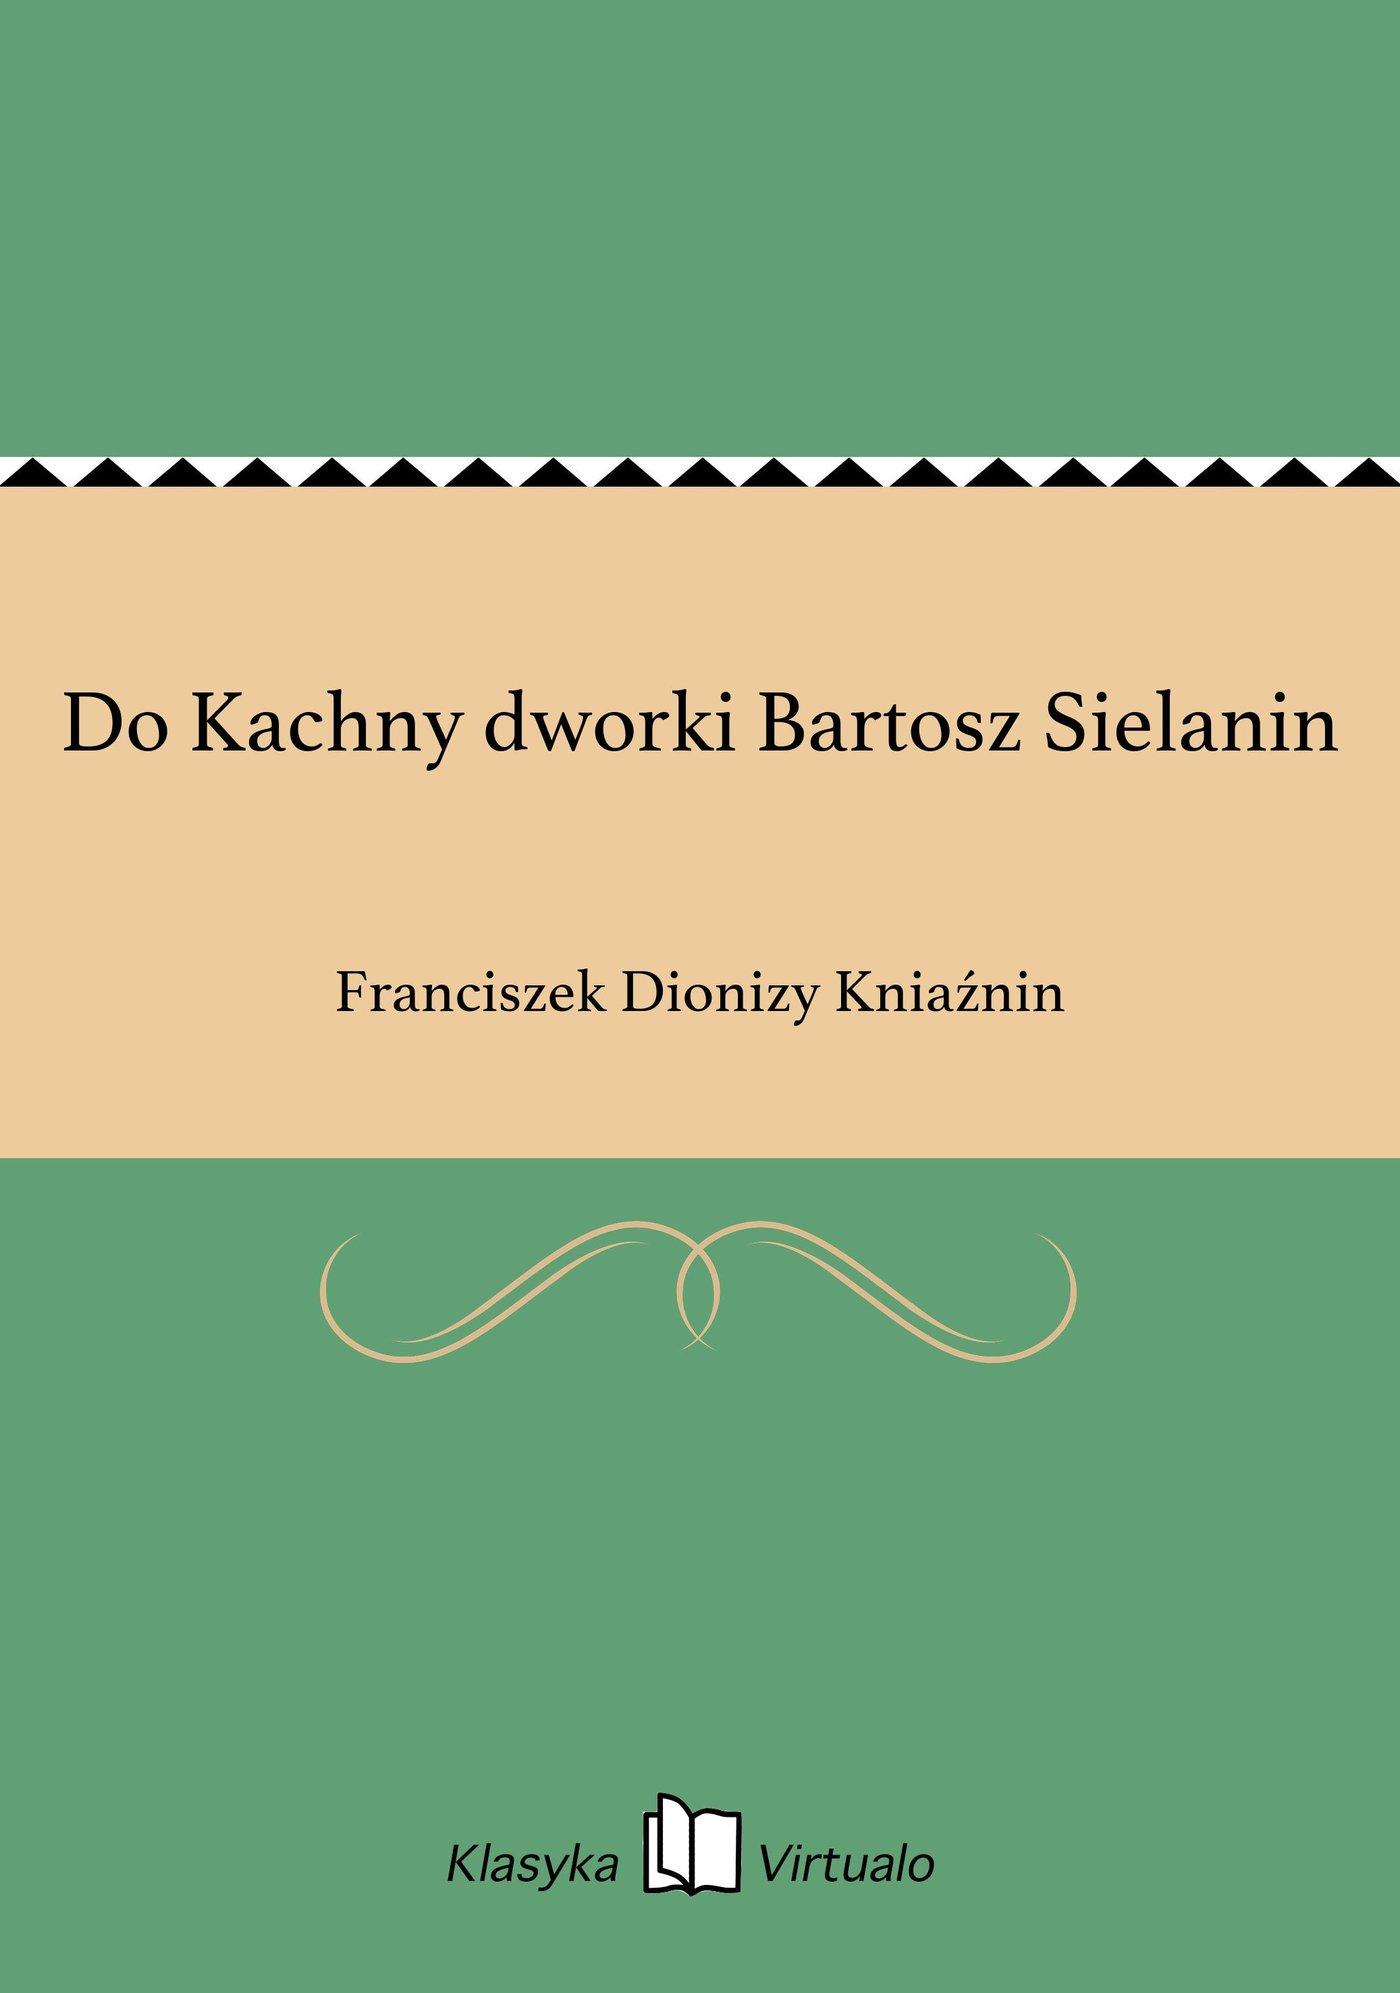 Do Kachny dworki Bartosz Sielanin - Ebook (Książka EPUB) do pobrania w formacie EPUB